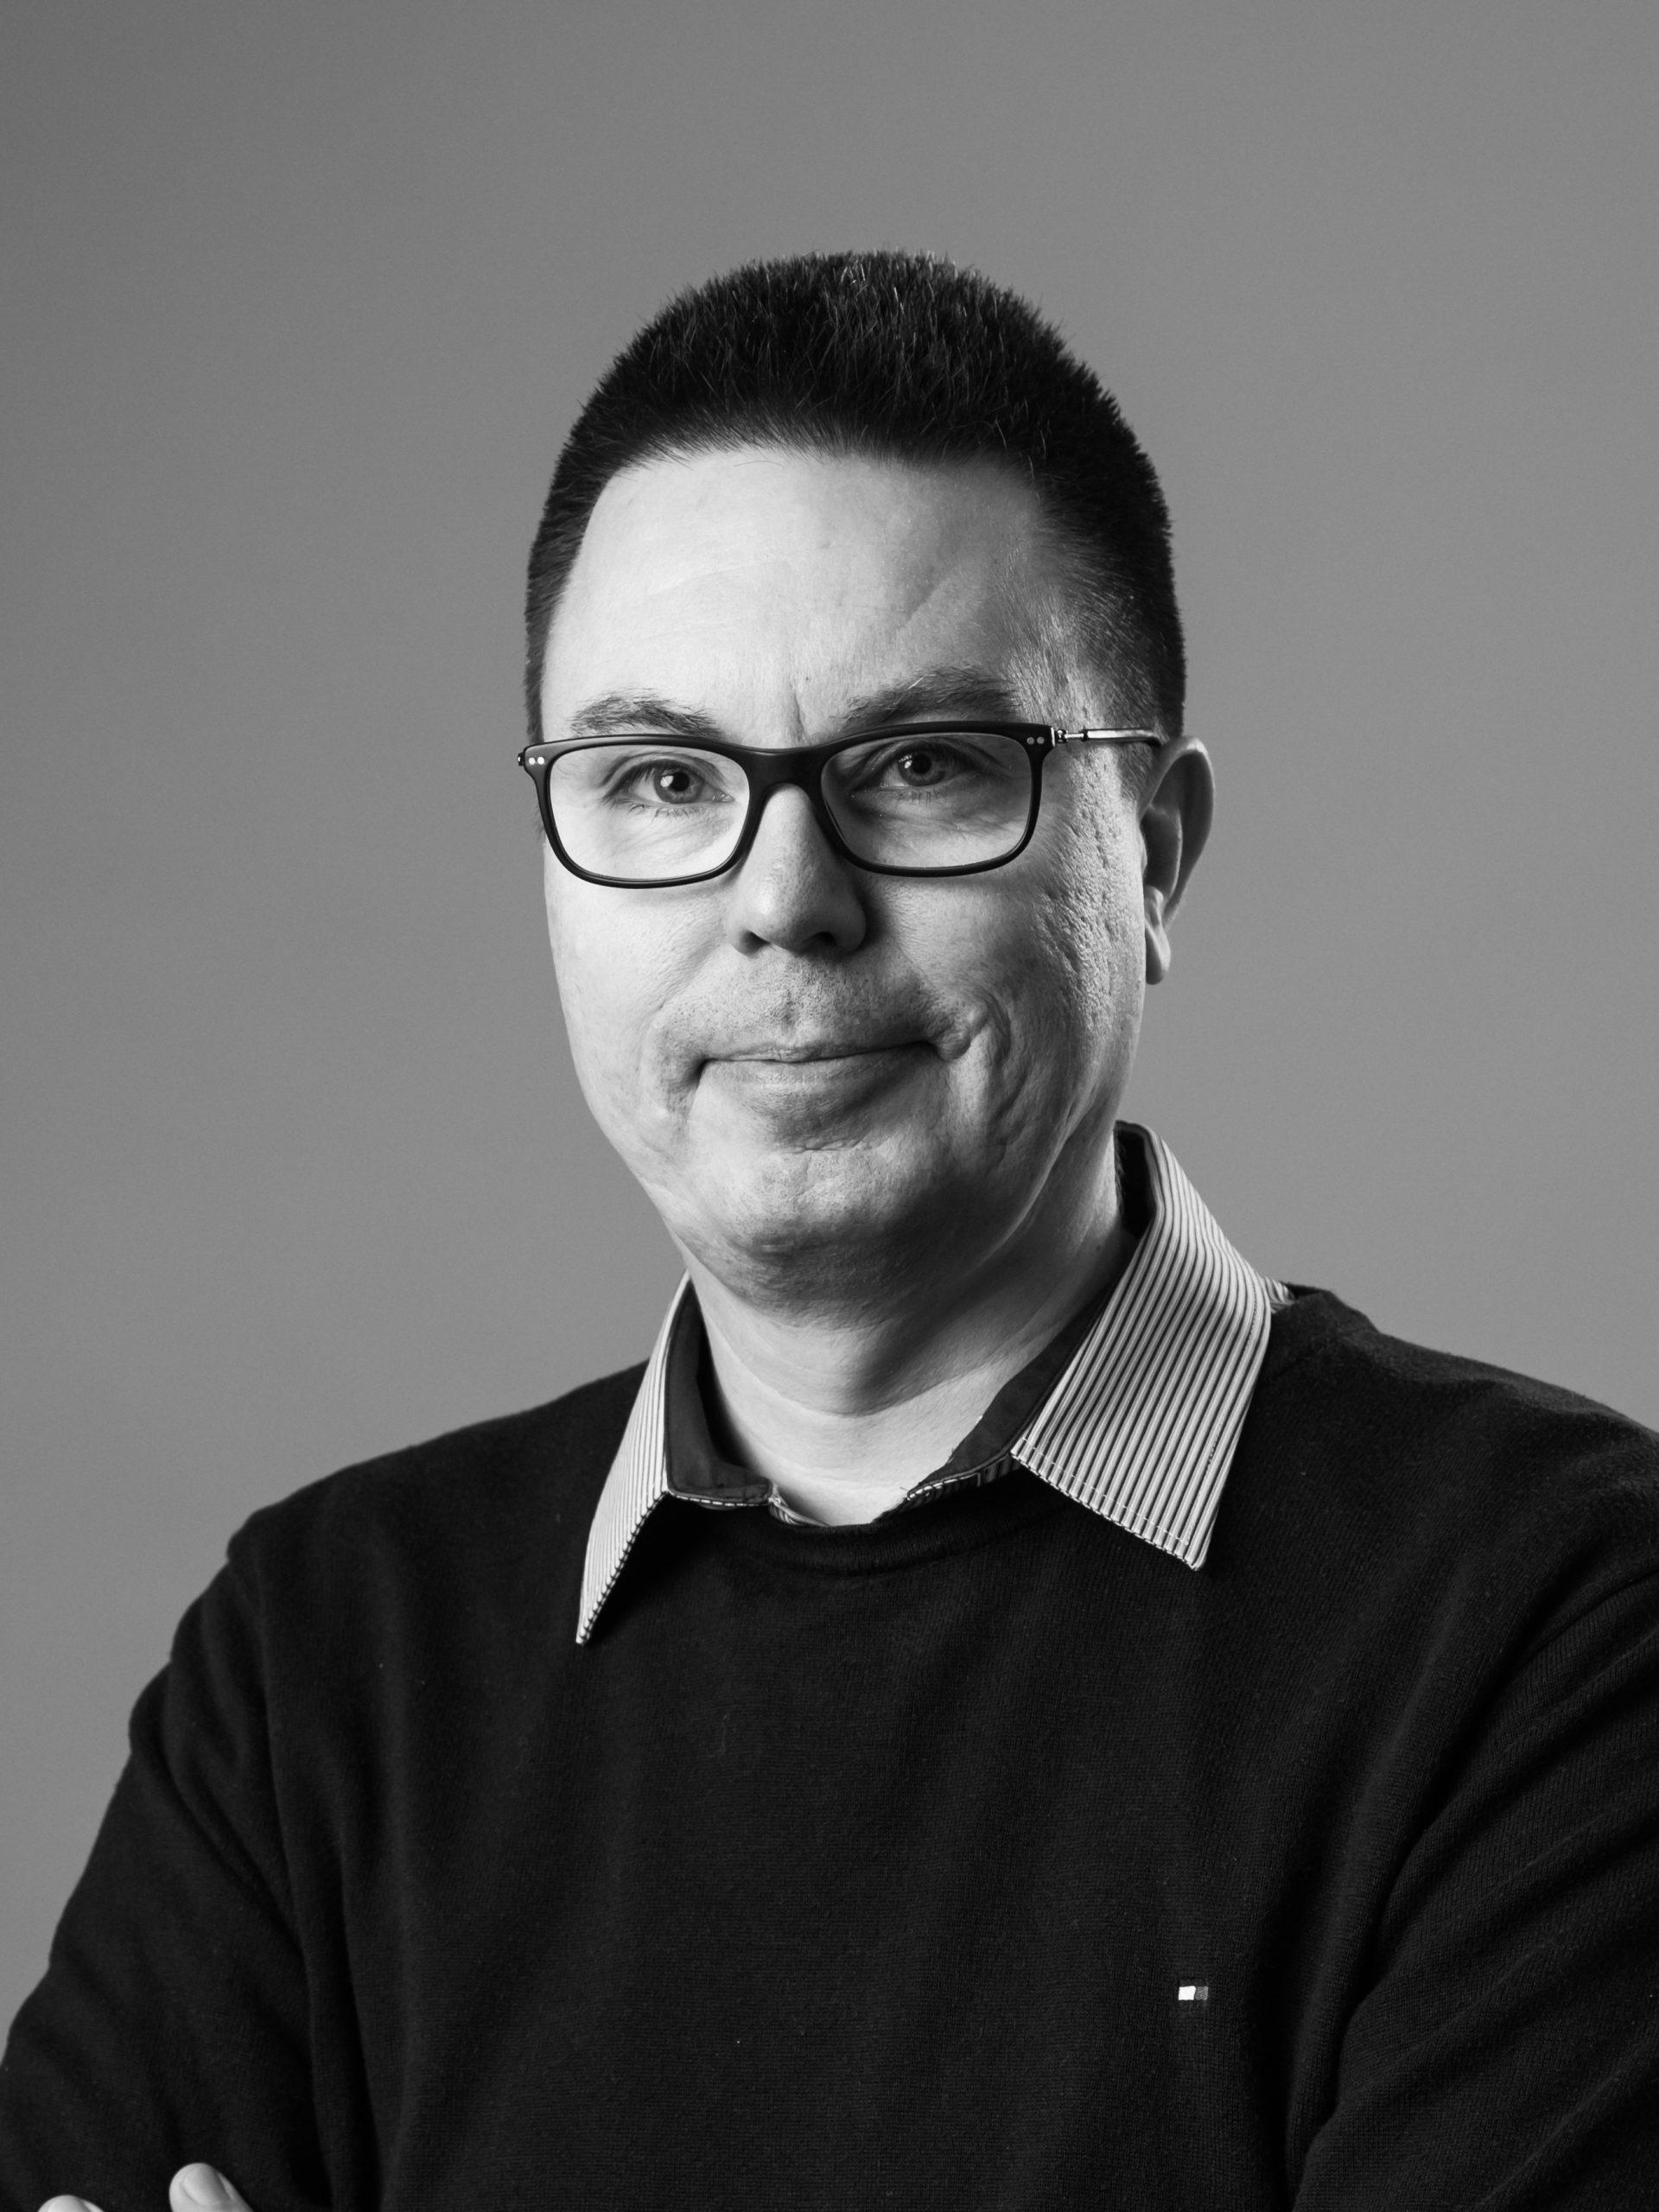 Mika Ojanen